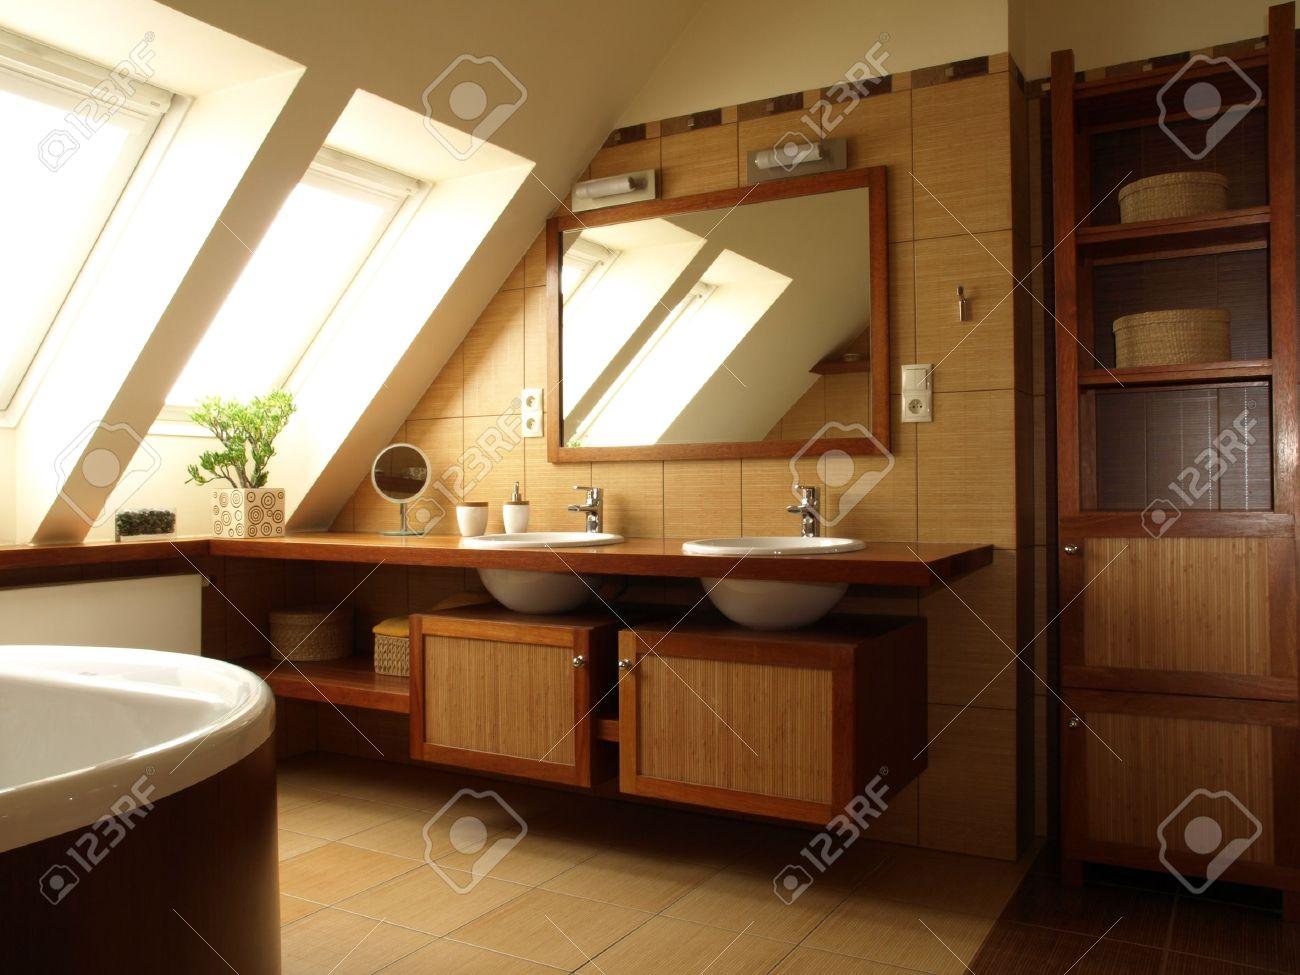 Piastrelle bagno beige e marrone good piastrella da bagno da